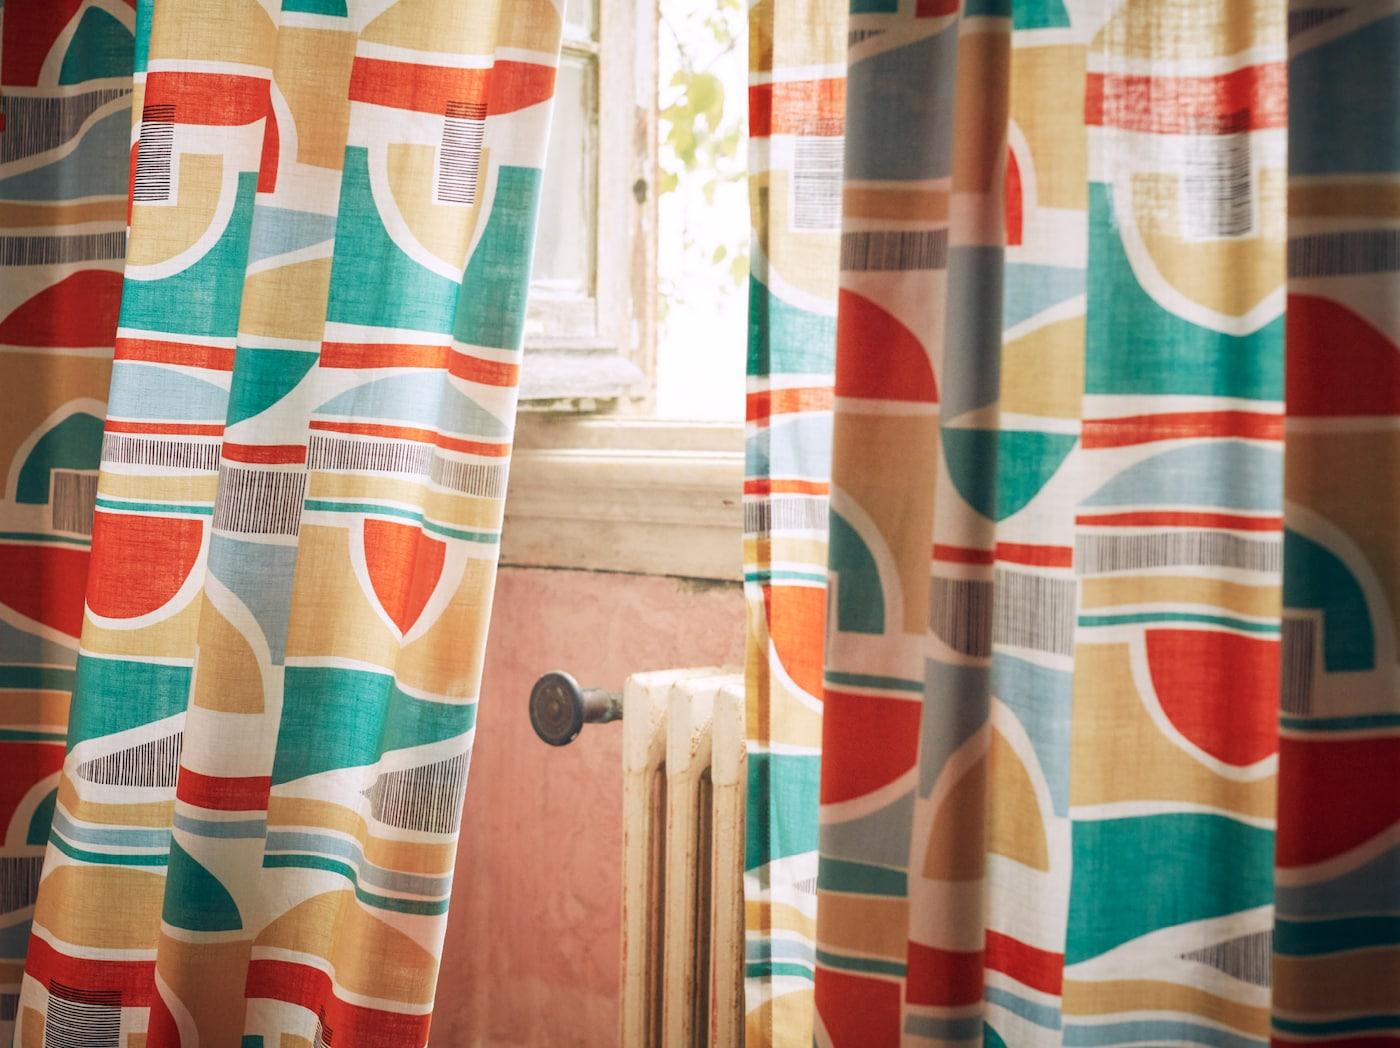 صورة عن قرب لستائر MARTORN بنقوش رسومية متعددة الألوان تبدو وكأنها مأخوذة من حقبة الـ (1960).